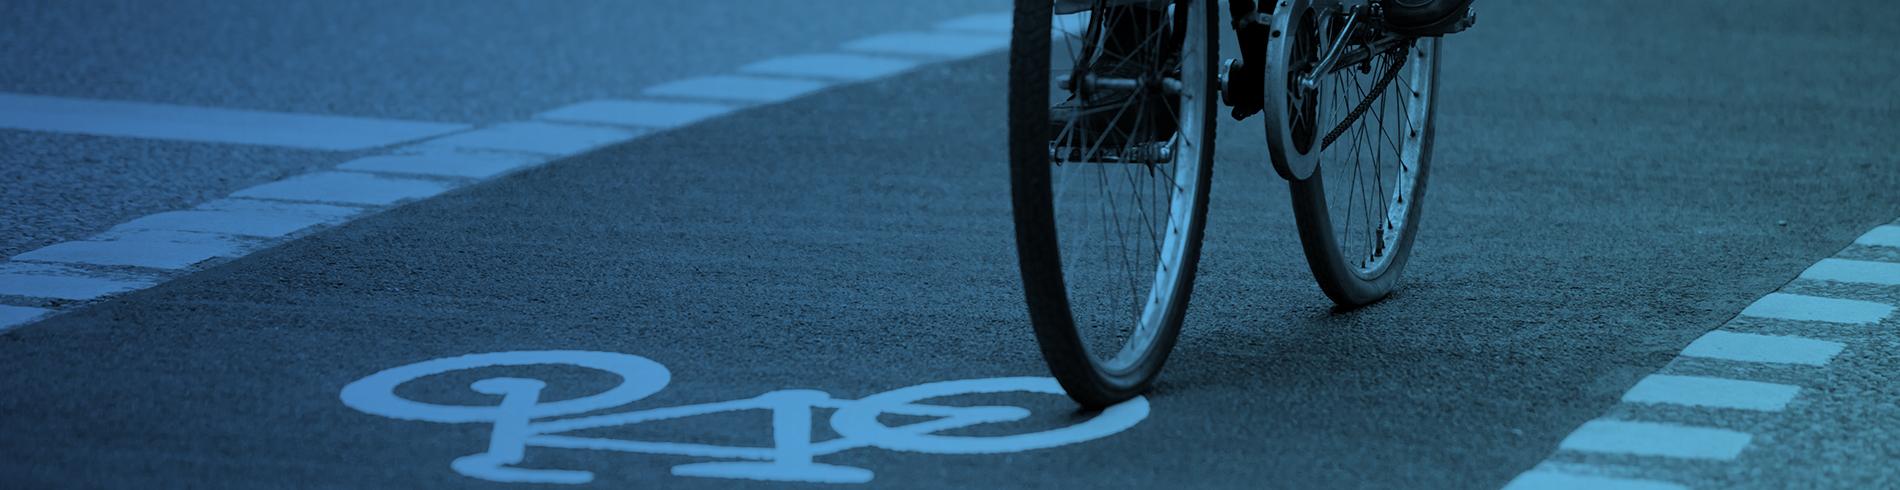 RC ciclistes i bicicletes